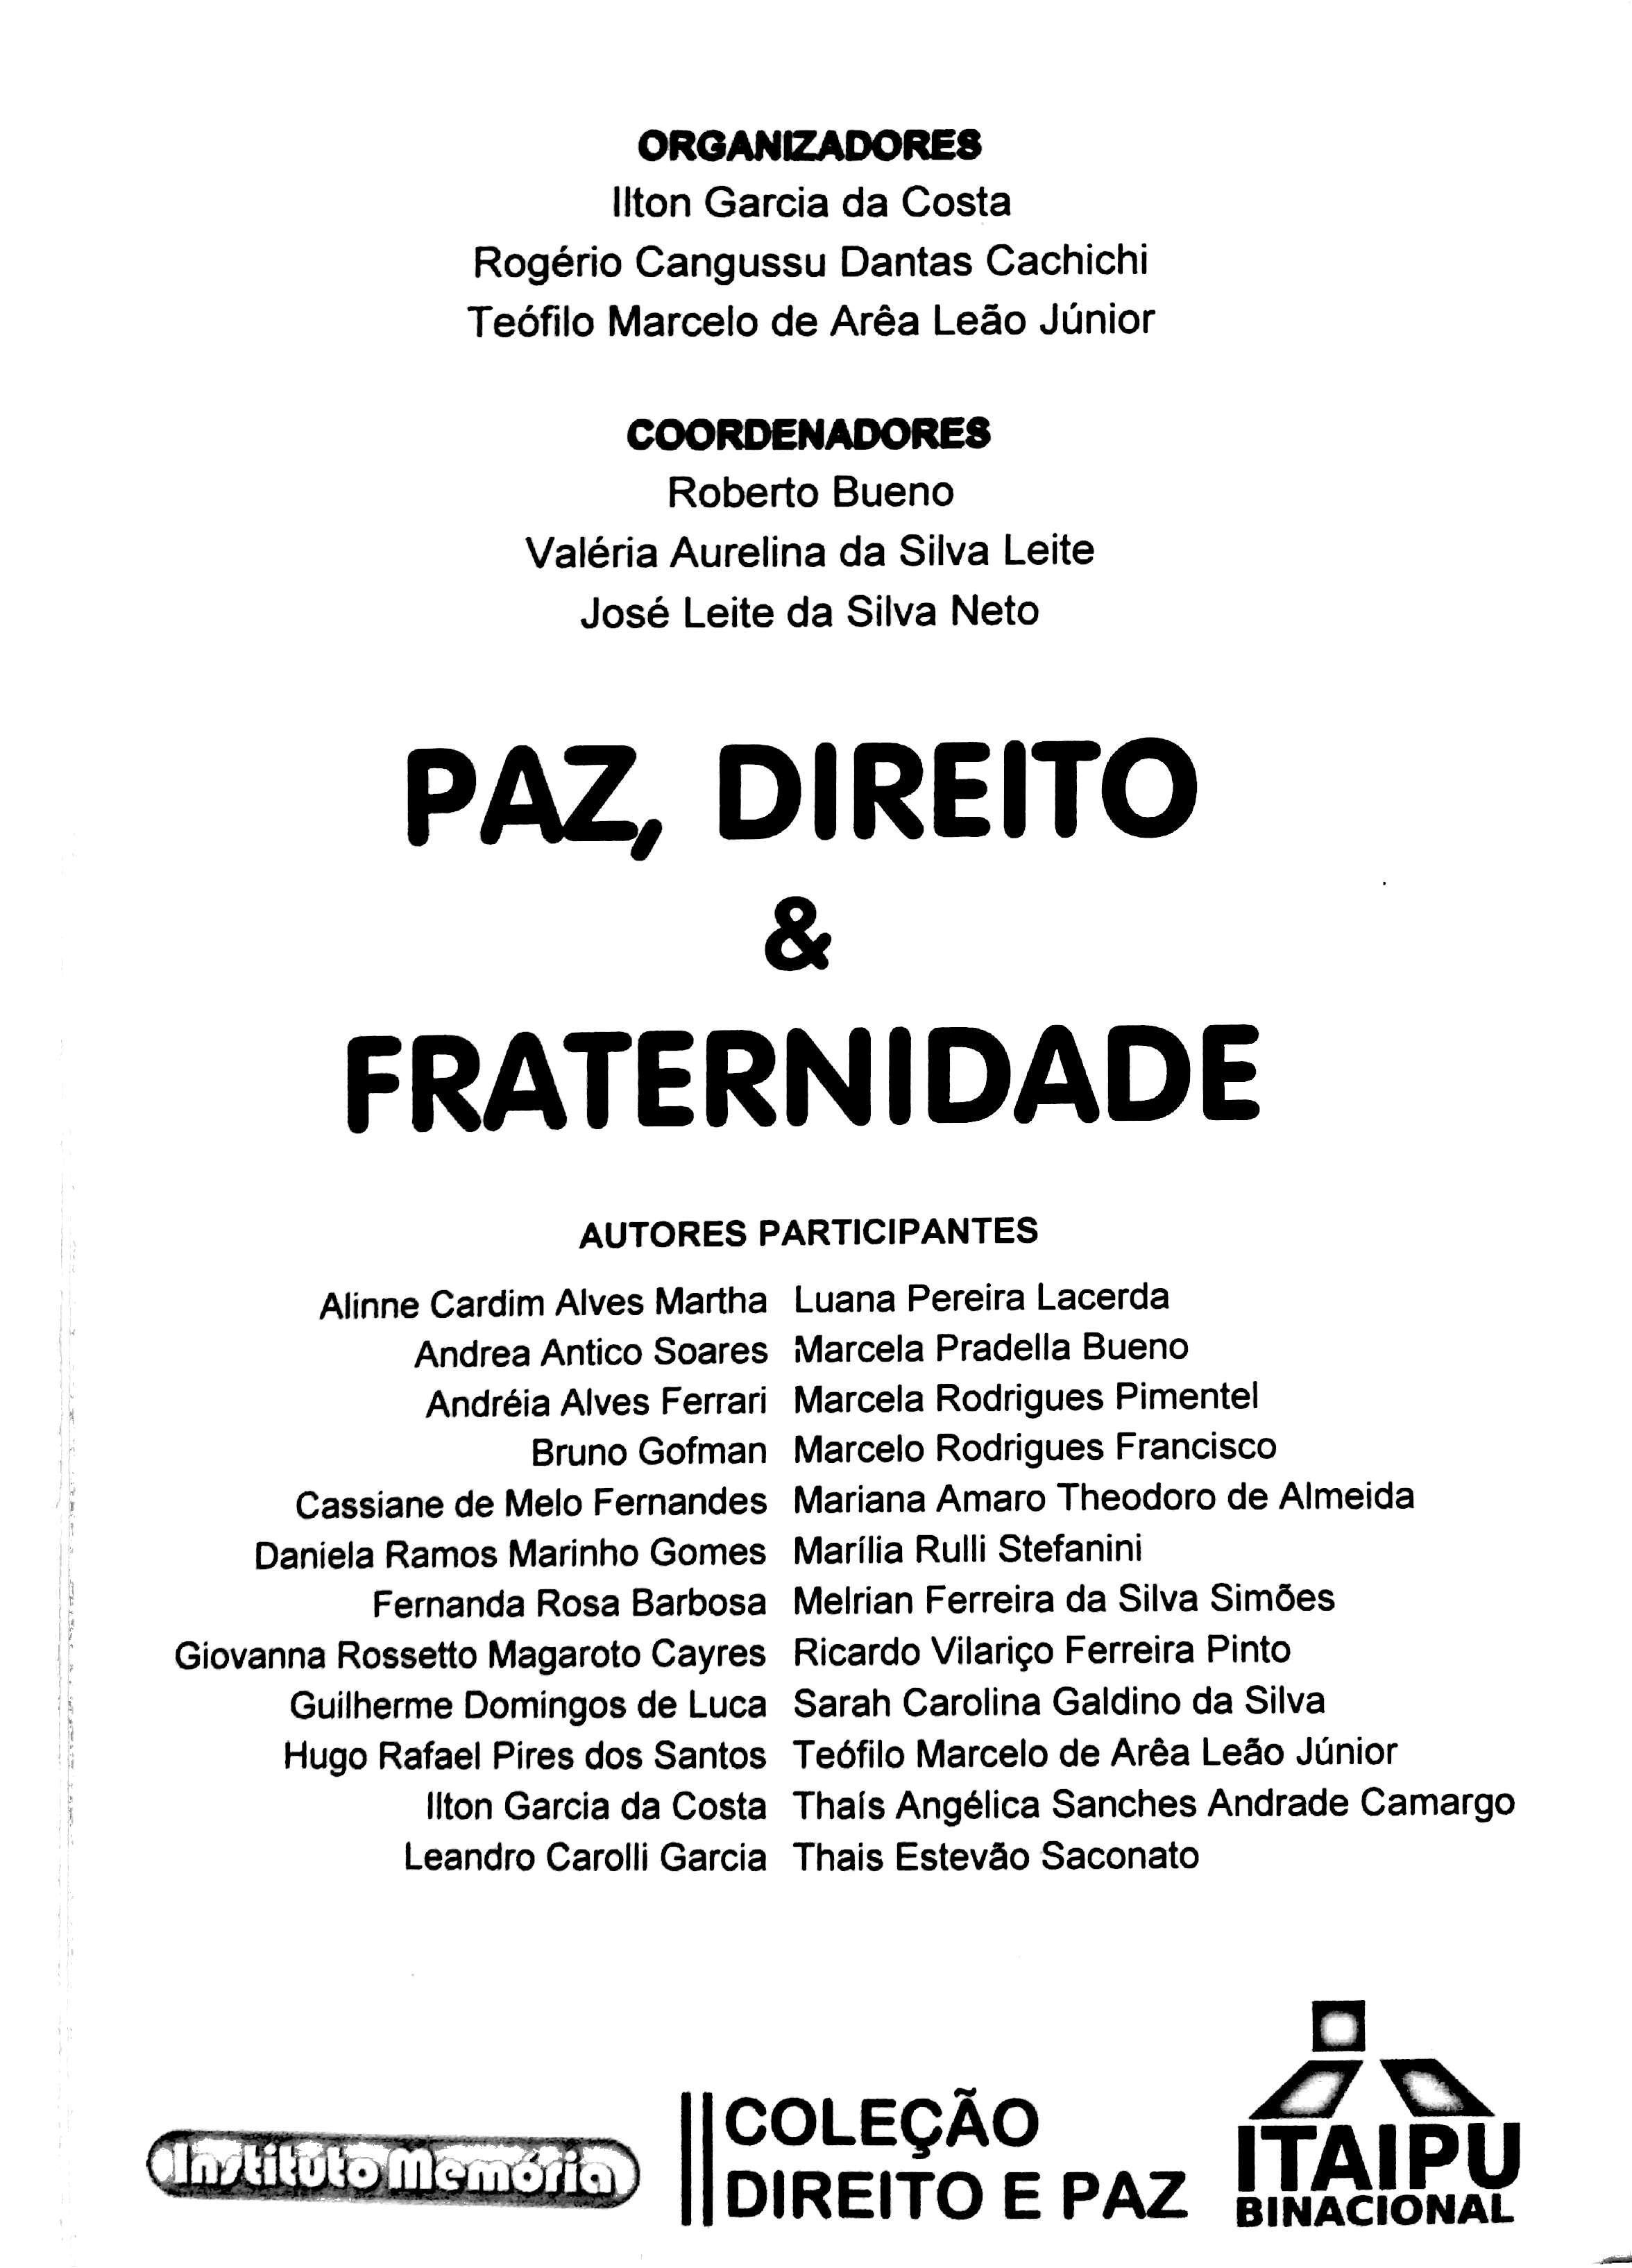 Paz, Direito e Fraternidade: A conciliação e a mediação no direito das famílias evitando que a emoção se torne combustível dos conflitos - Pág. 163